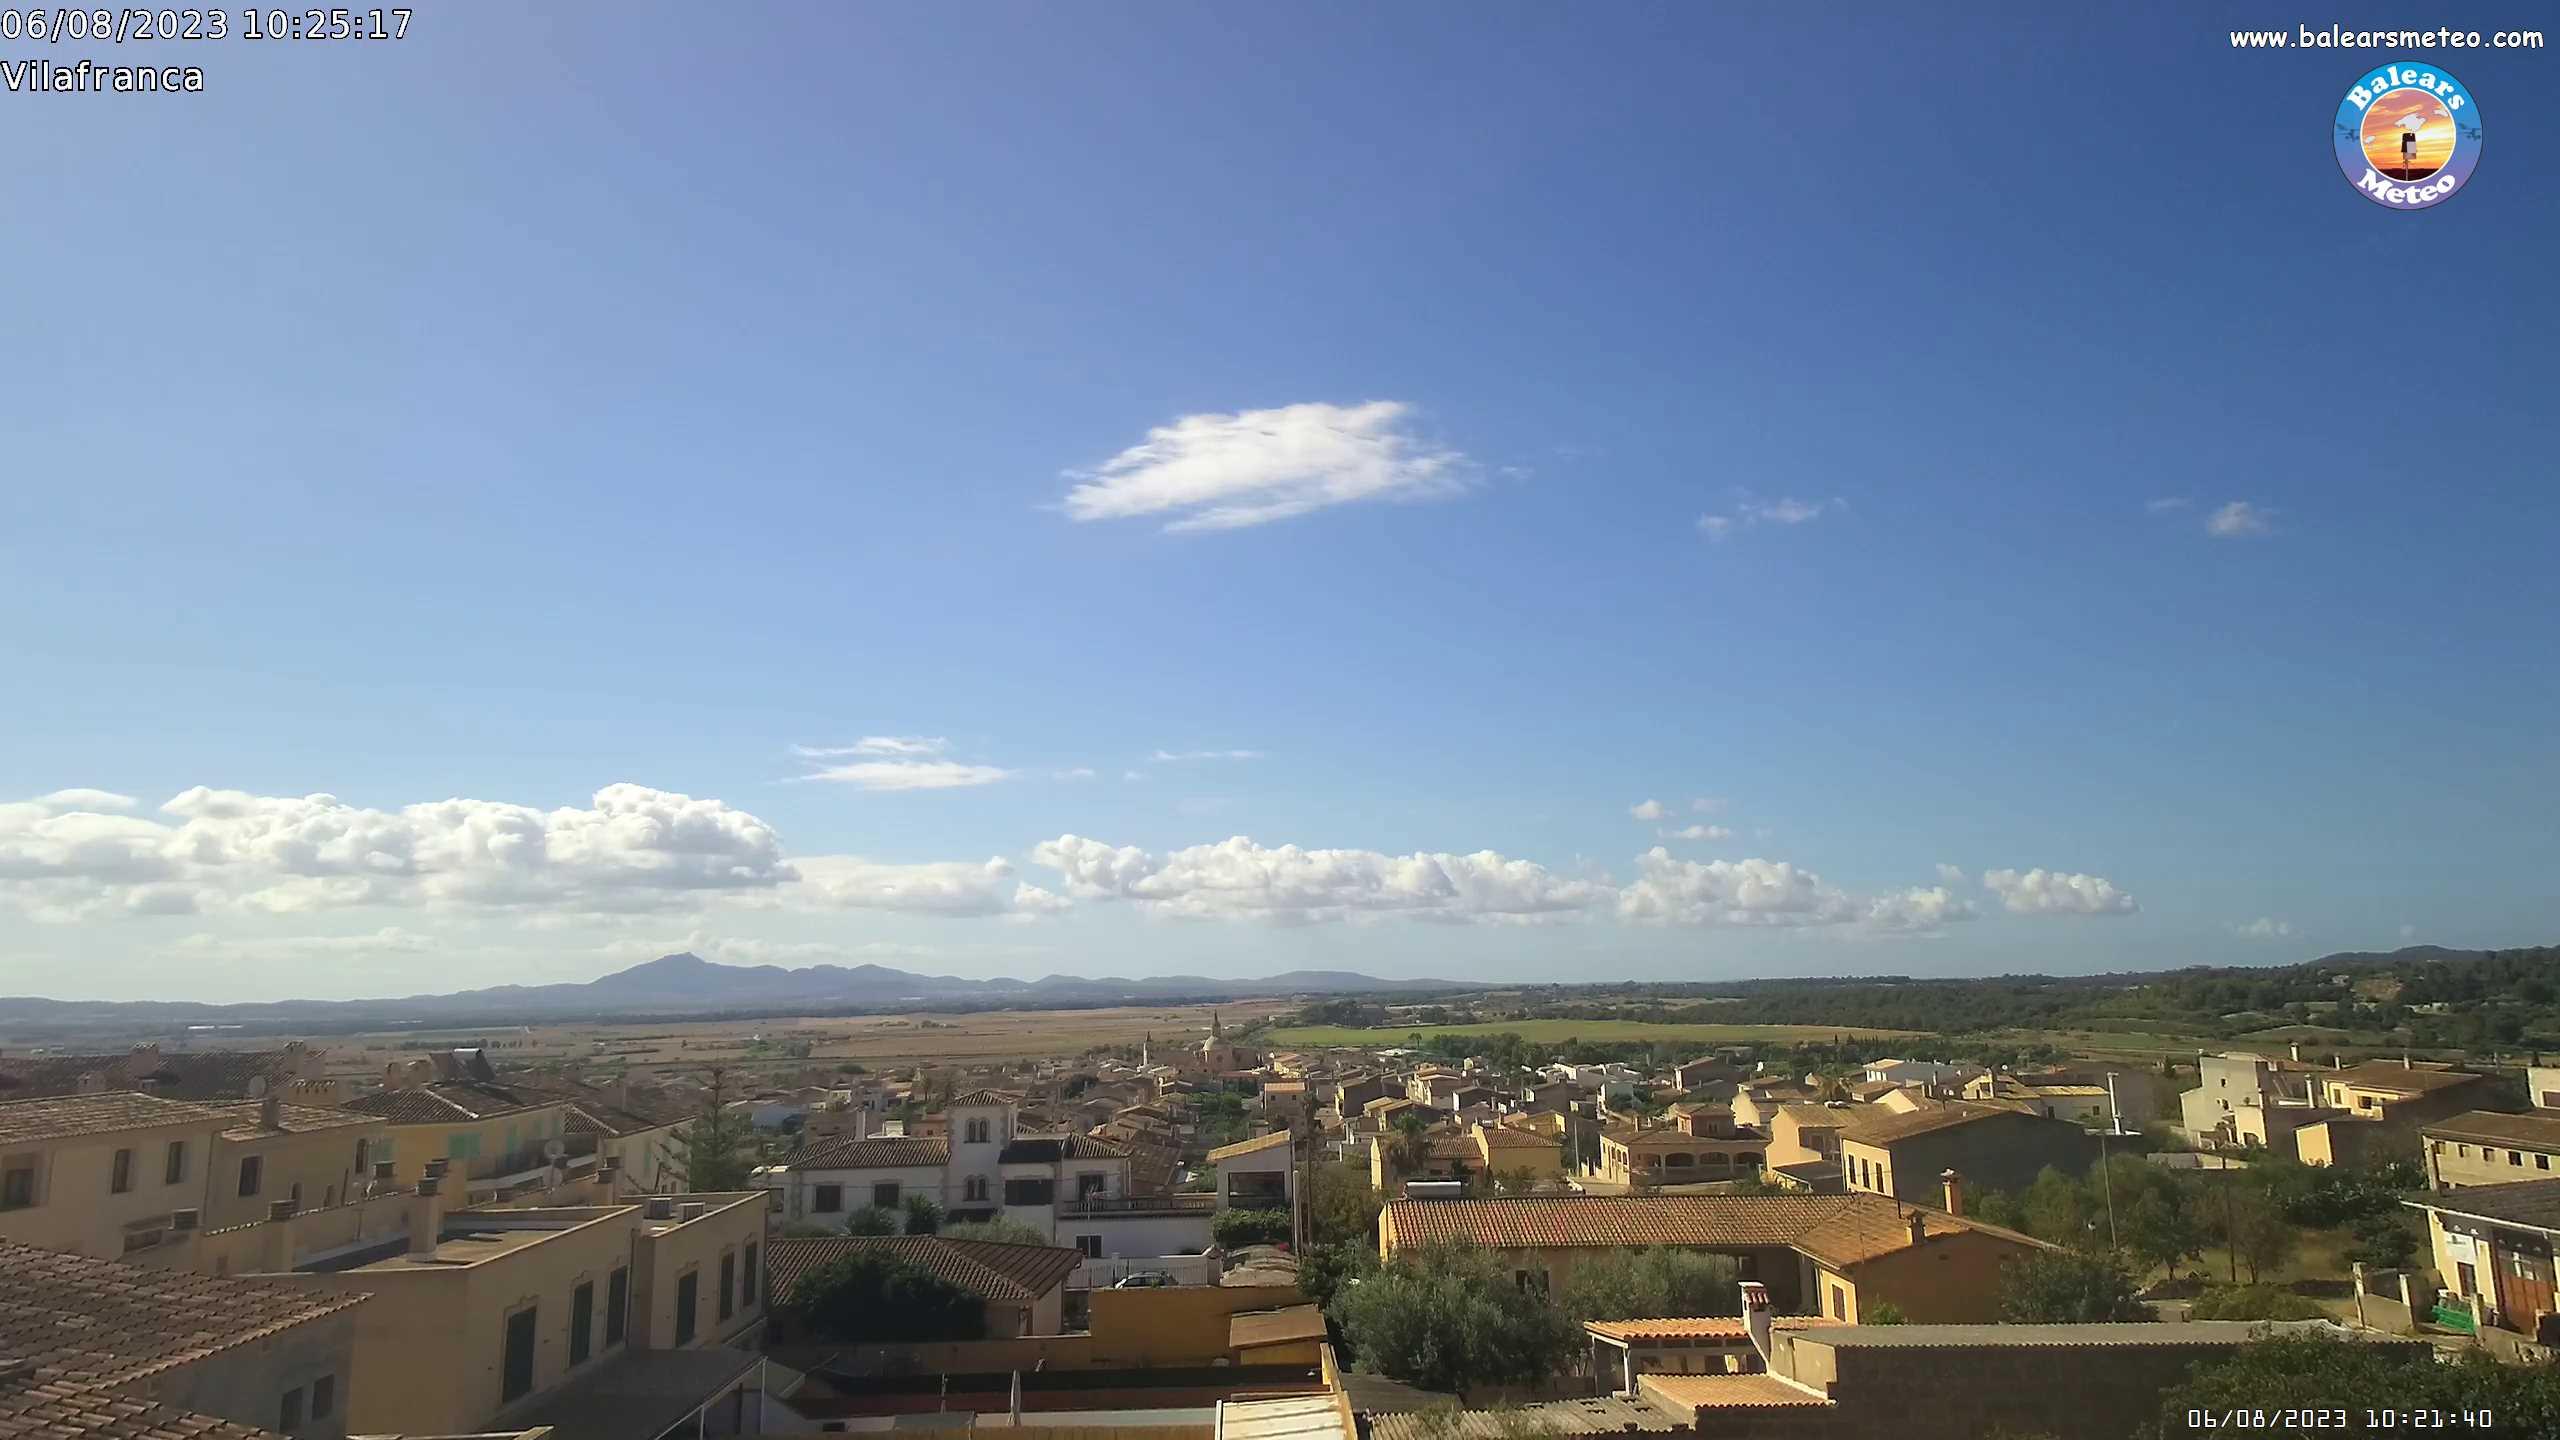 Webcam de Vilafranca